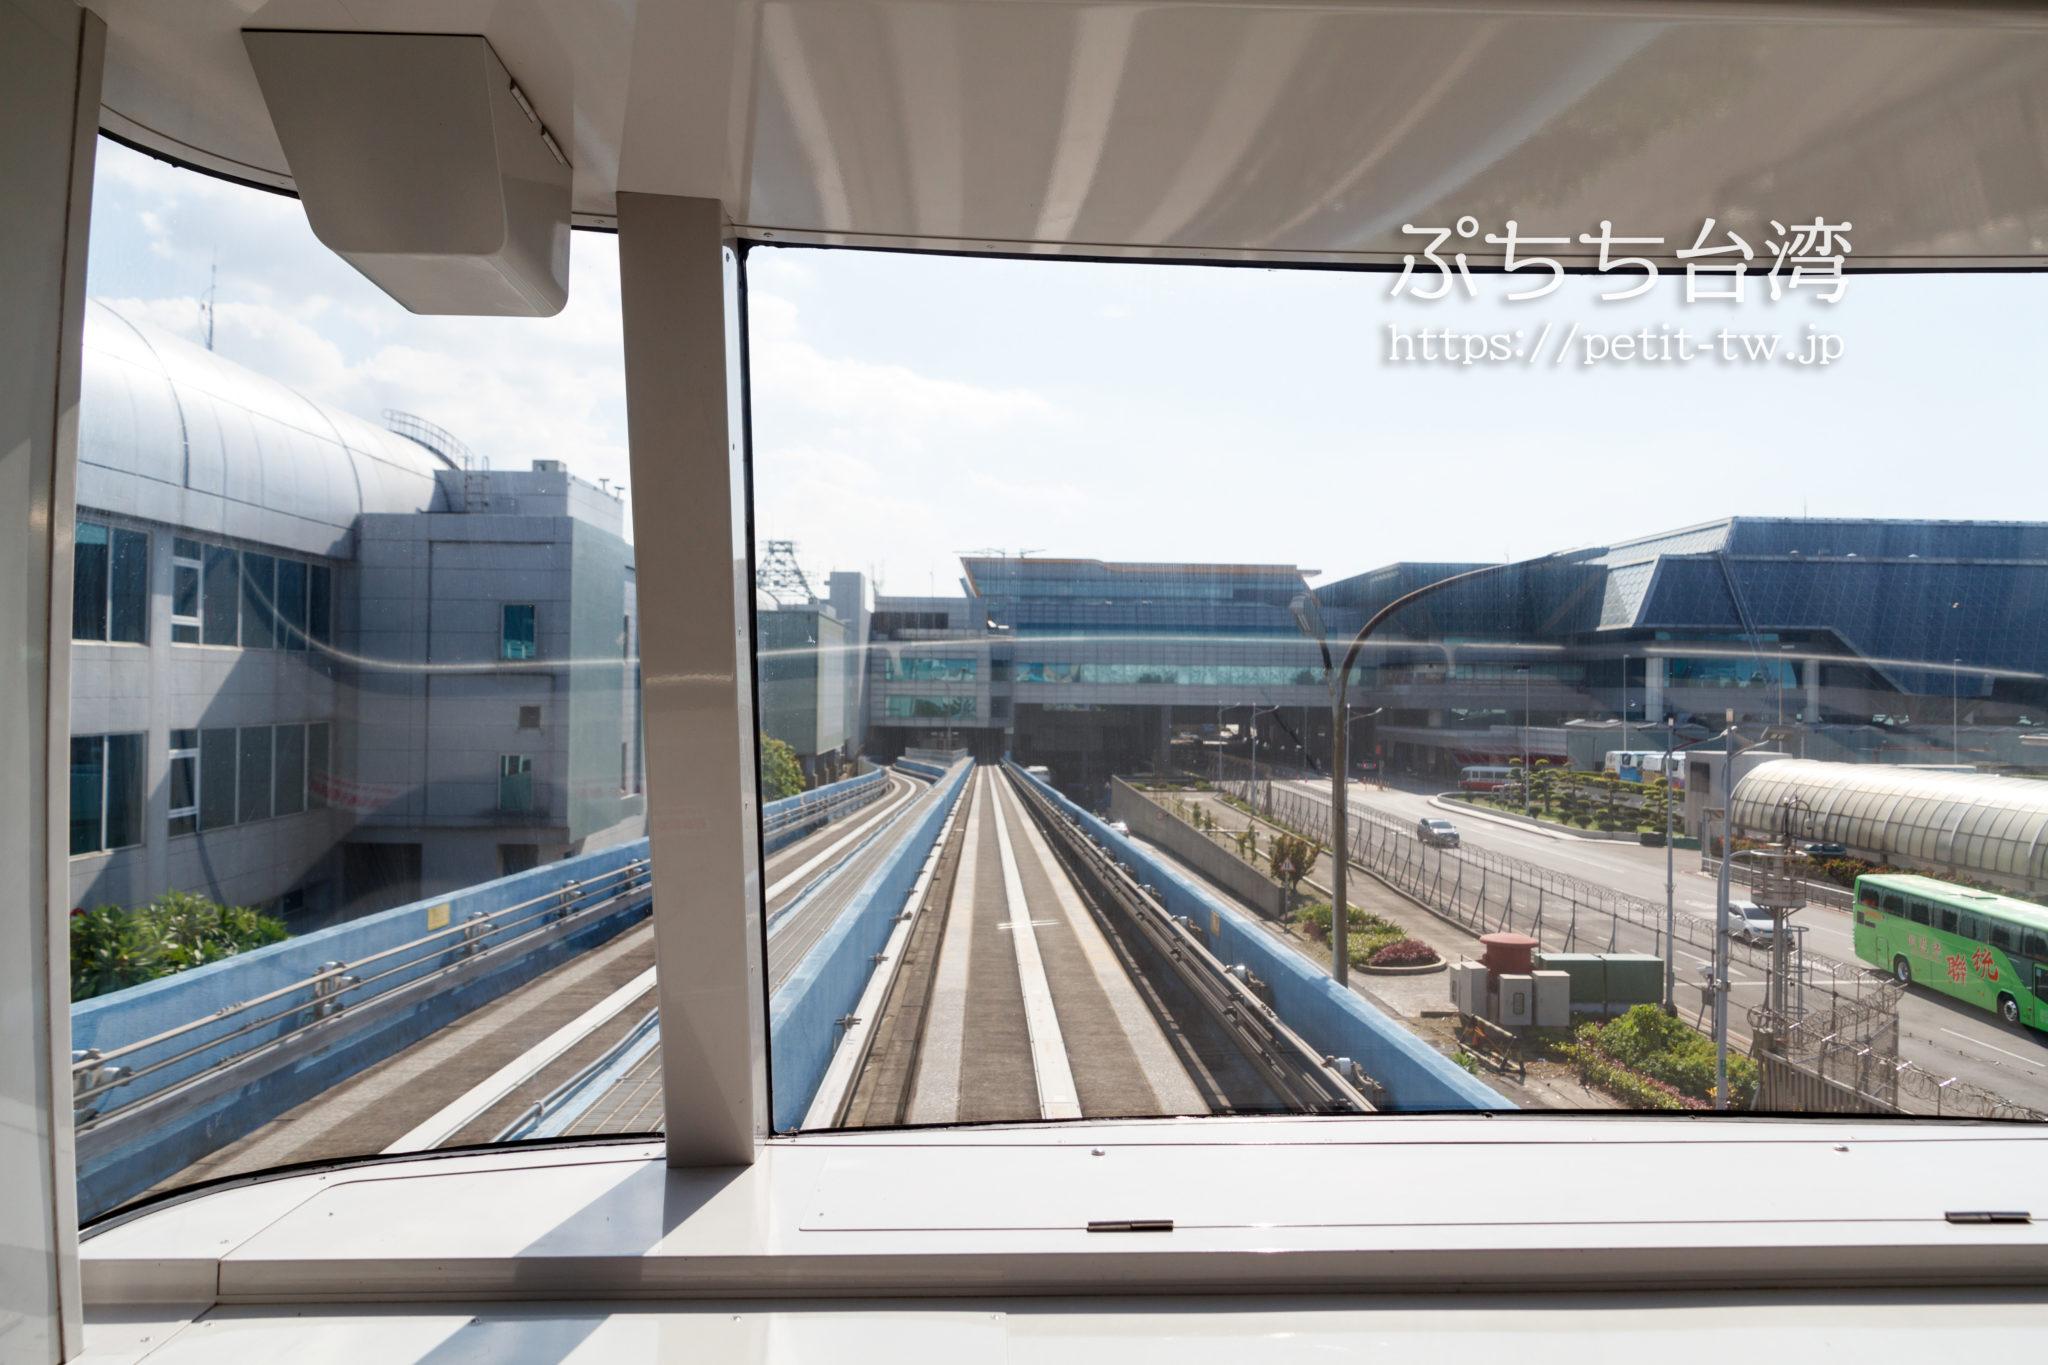 桃園空港のターミナル間スカイトレインの窓からの景色